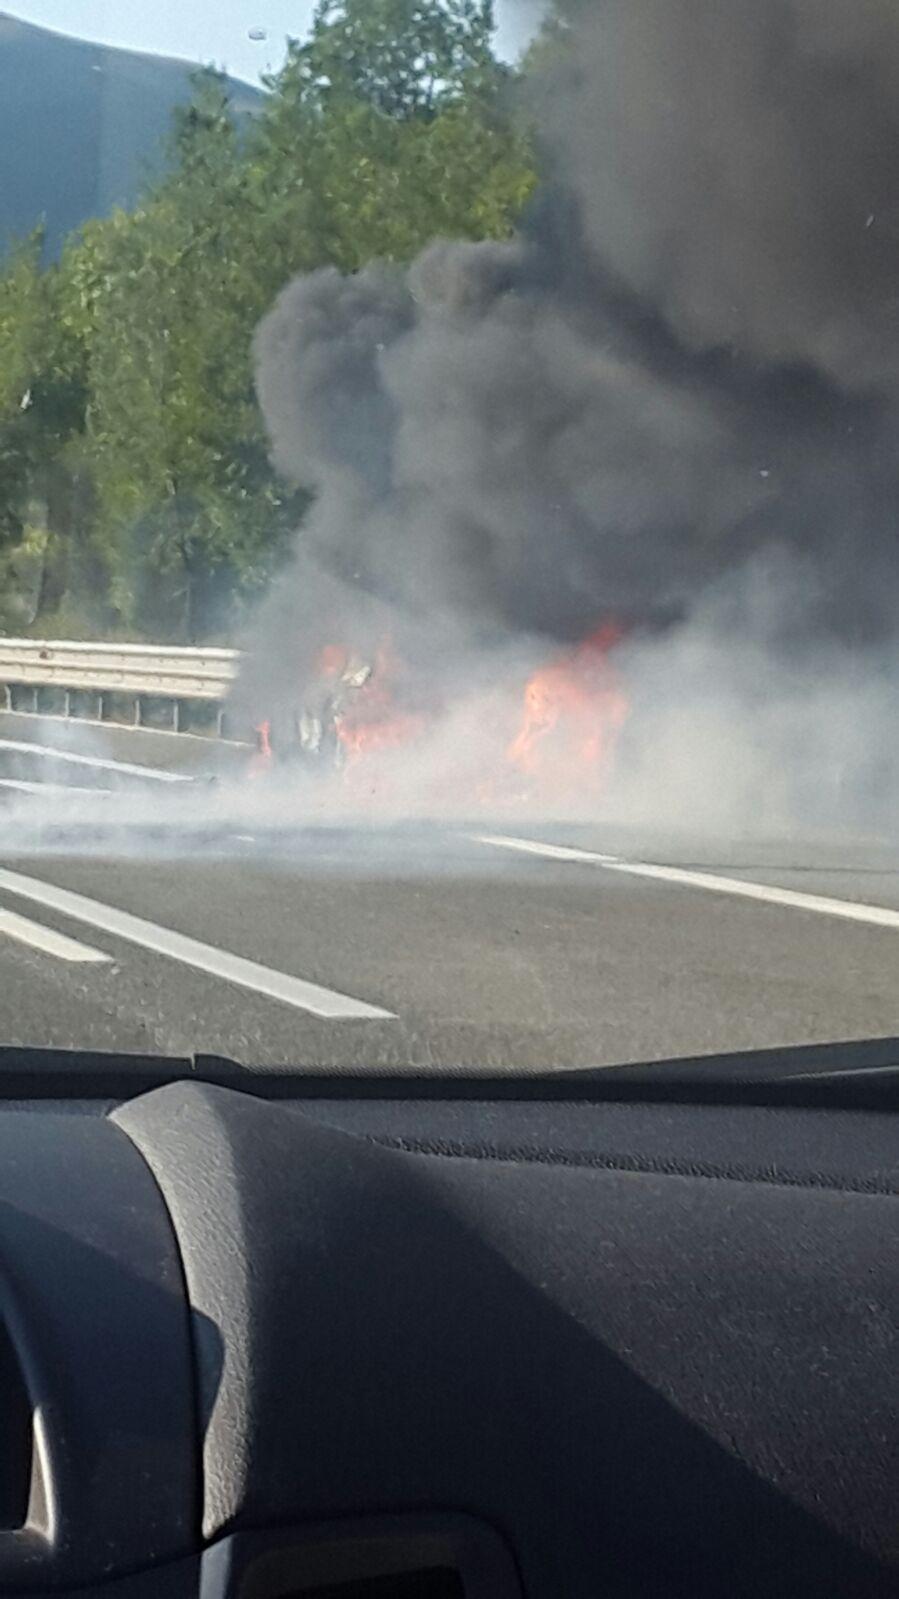 Auto a Gpl in fiamme: paura sulla A25